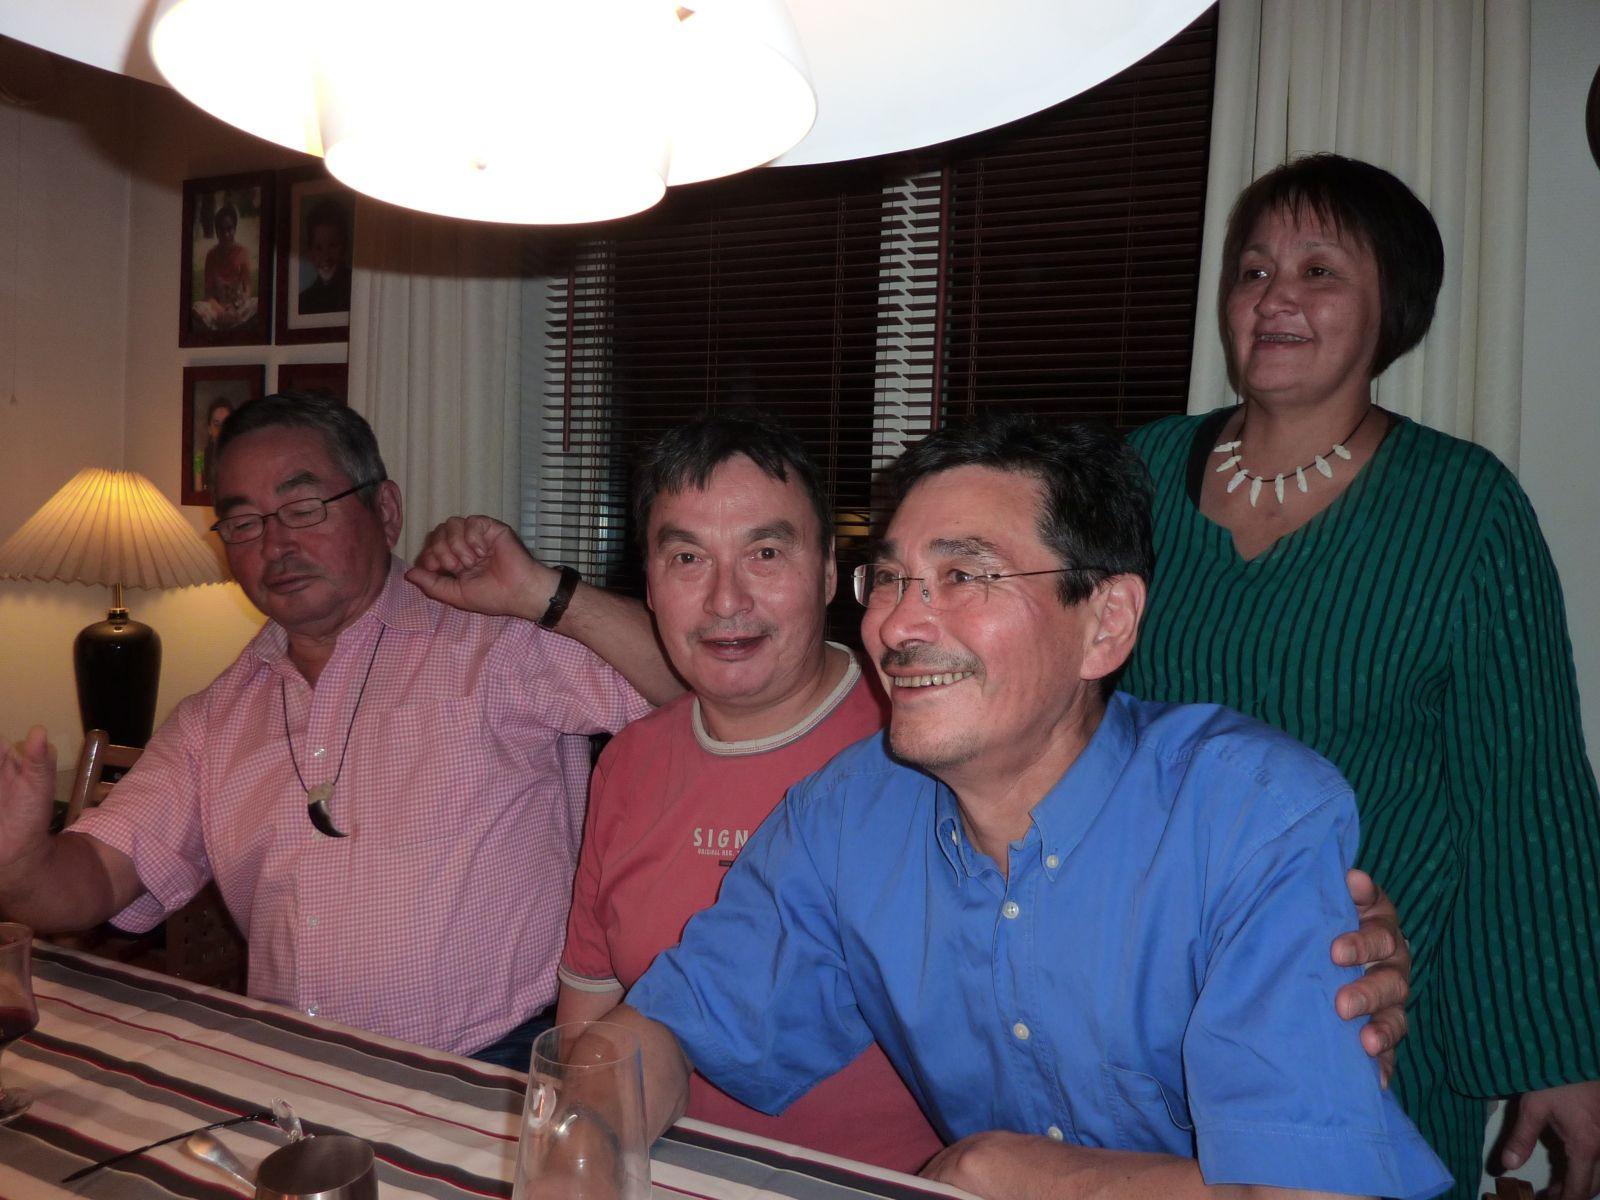 2010-10-10-0016_-_Hans Labansen; Jakobine Labansen; Jørgen Labansen; Jørgen Peter Labansen